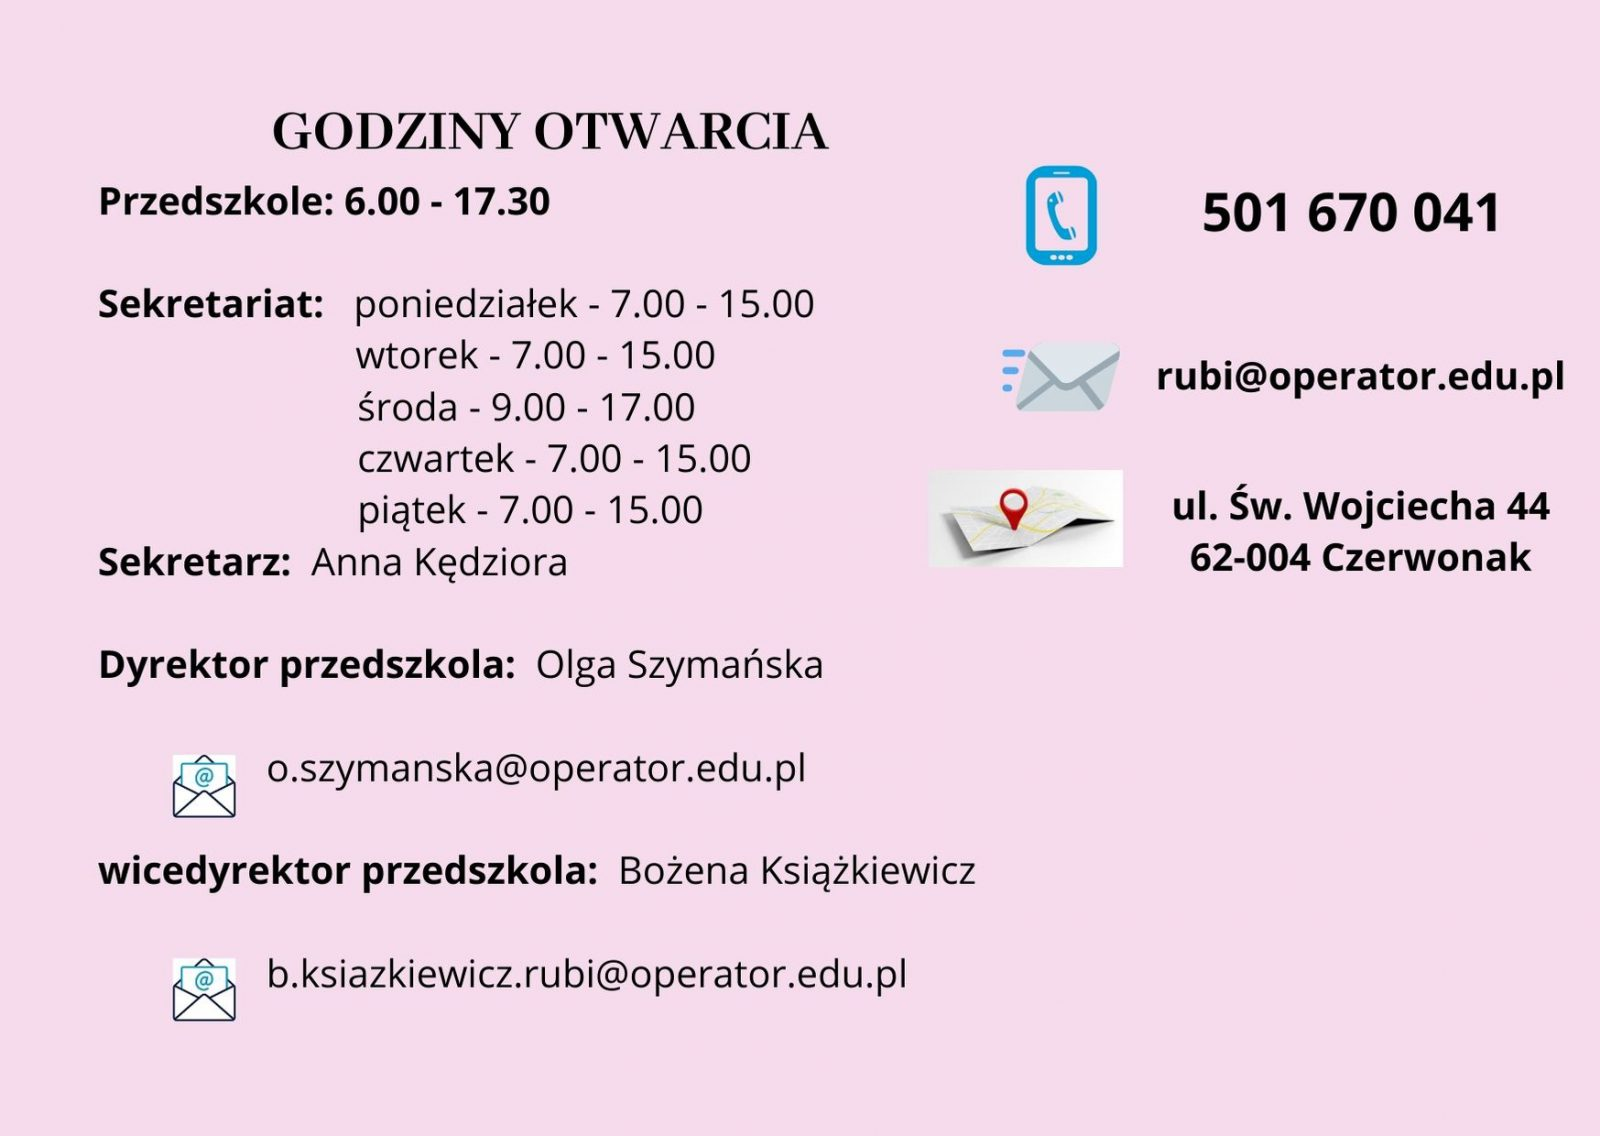 Publiczne Przedszkole Rubi ul.św. Wojciecha 44 62 – 004 Czerwonak e-mail: rubi@operator.edu.pl tel. 501 670041